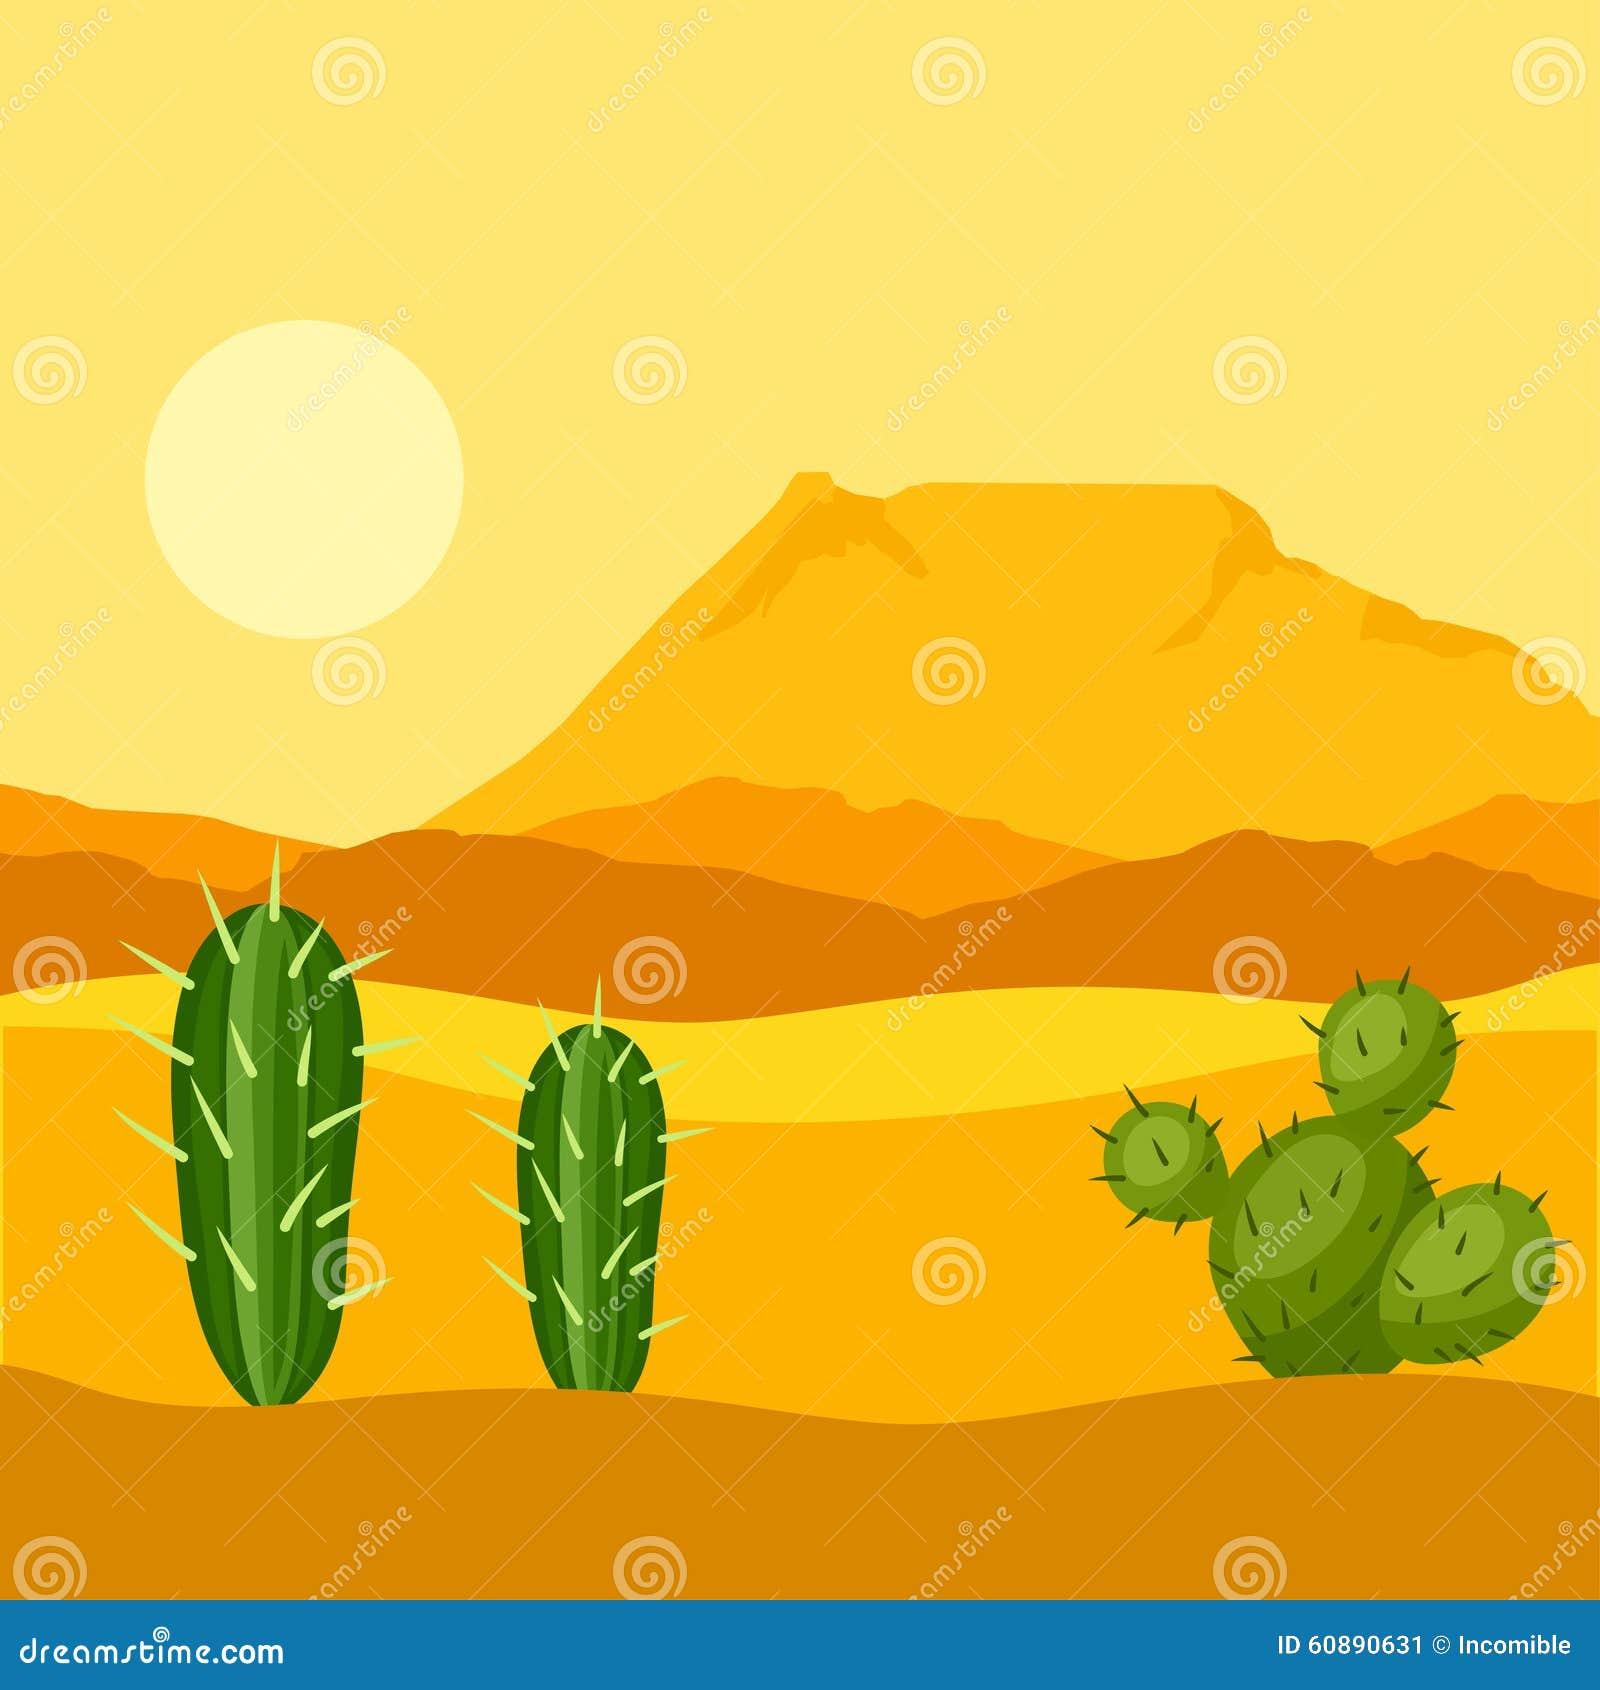 Ilustracja meksykanin pustynia z kaktusami i